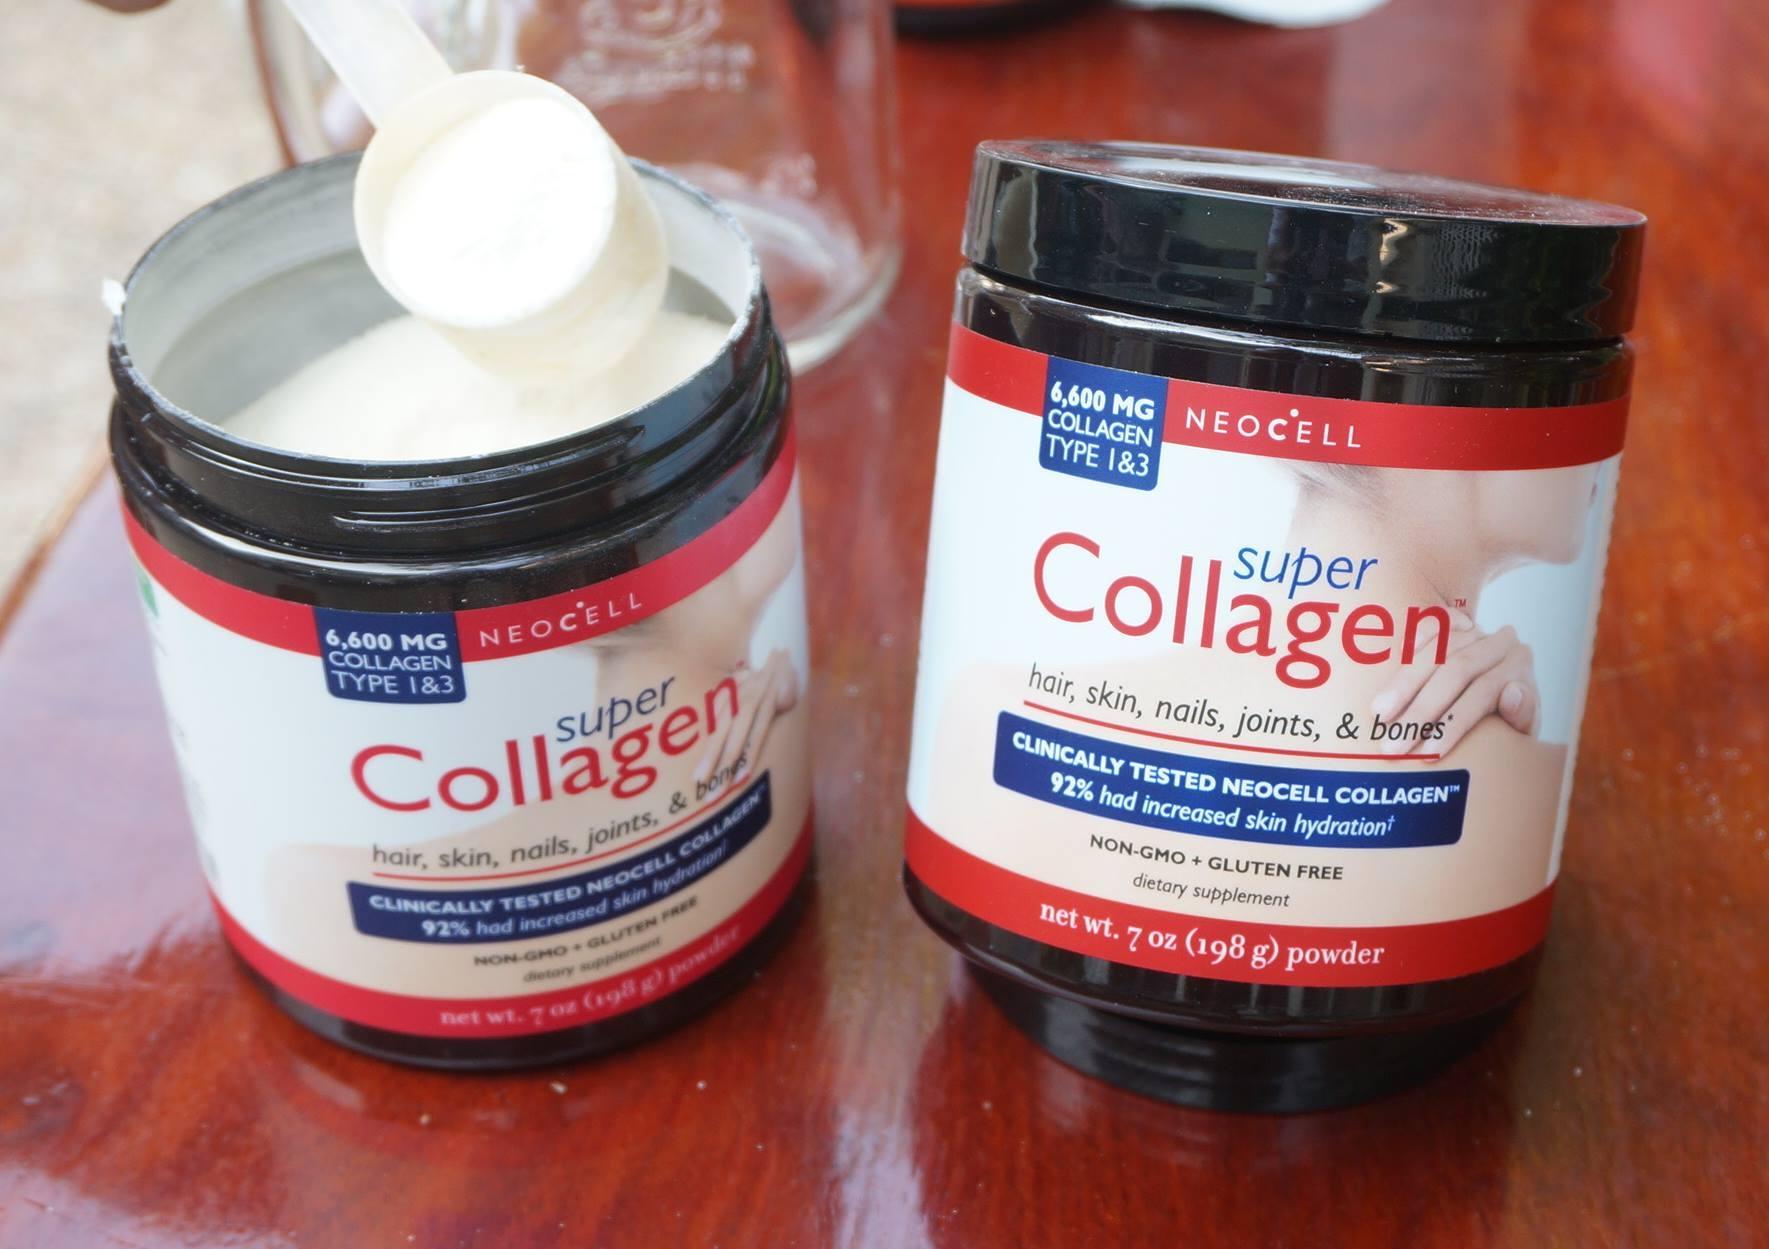 Neo Cell Super Collagen Powder สุดยอดคอลลาเจนเข้มข้่นผสมวิตามินซีแบบผง สร้างความอ่อนเยาว์ให้คุณ